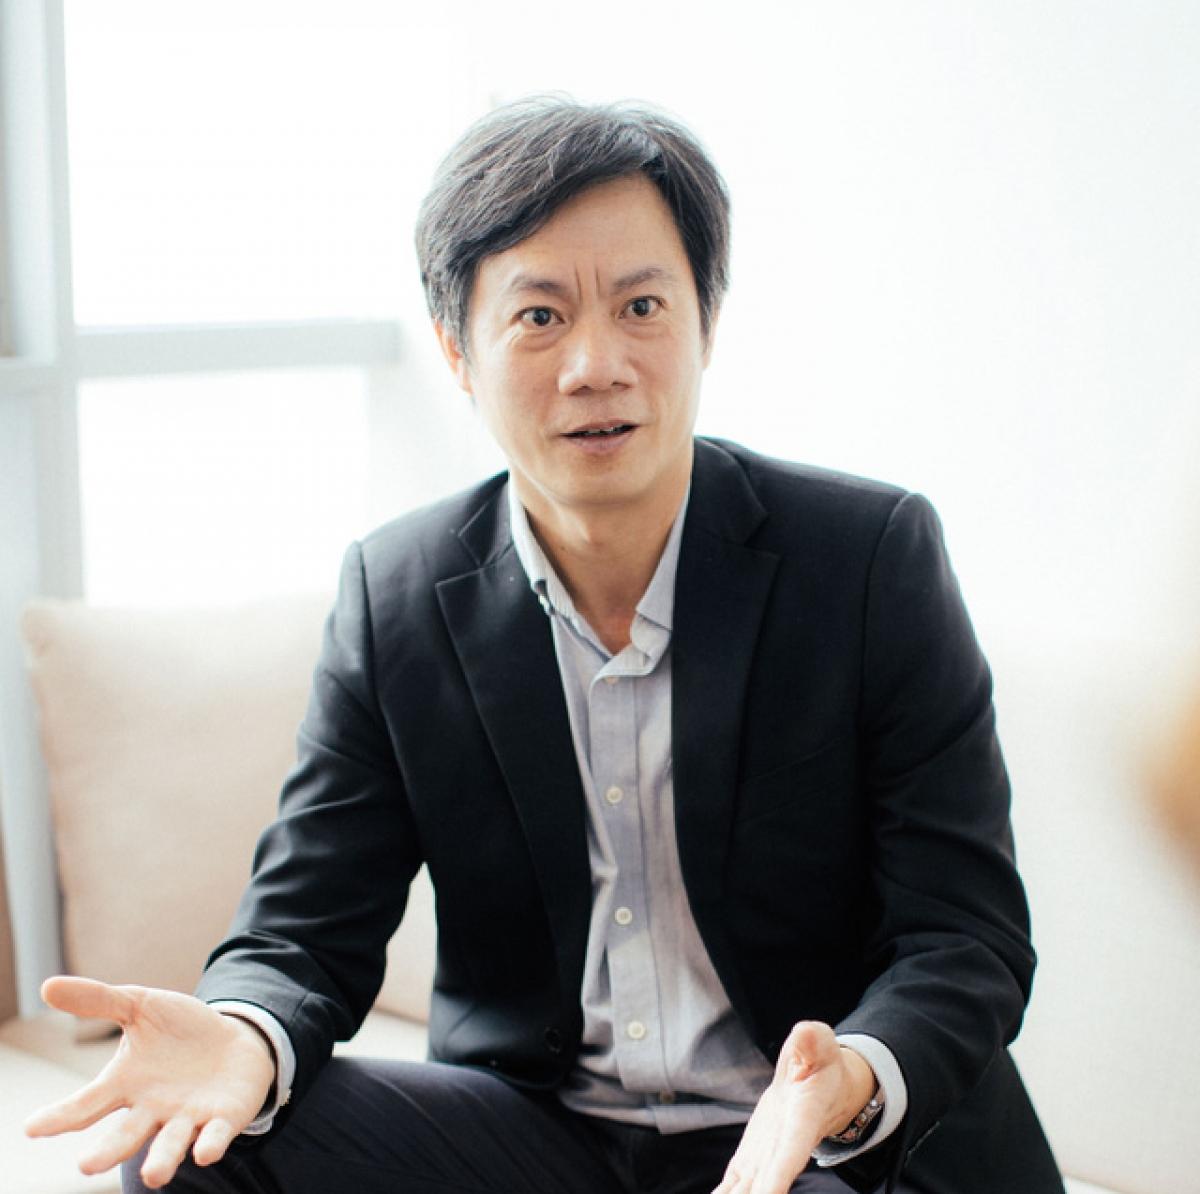 Chuyên gia kinh tế, TS. Lê Duy Bình - Giám đốc điều hành Economica VietNam